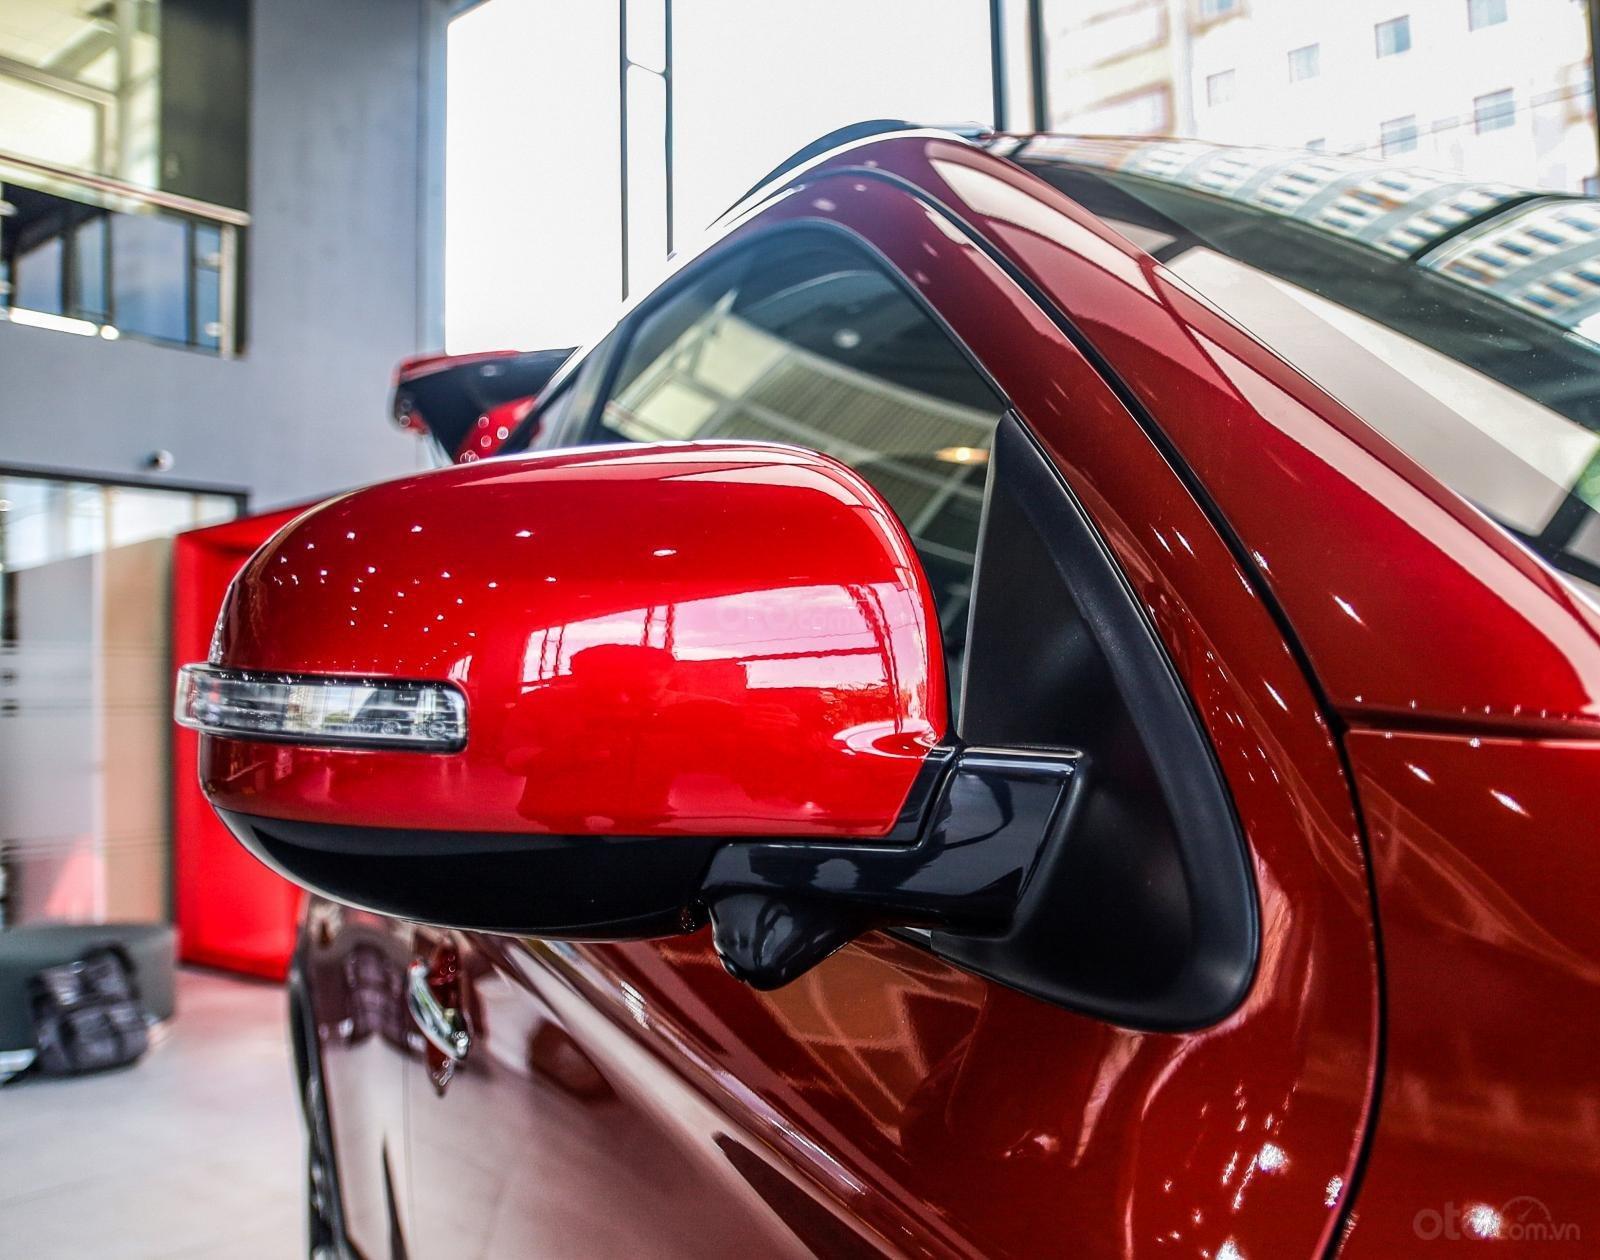 [Mitsubishi Isamco] Mitsubishi Outlander 2020, chỉ 825tr, ưu đãi tiền mặt cực khủng, trả góp 85% (7)